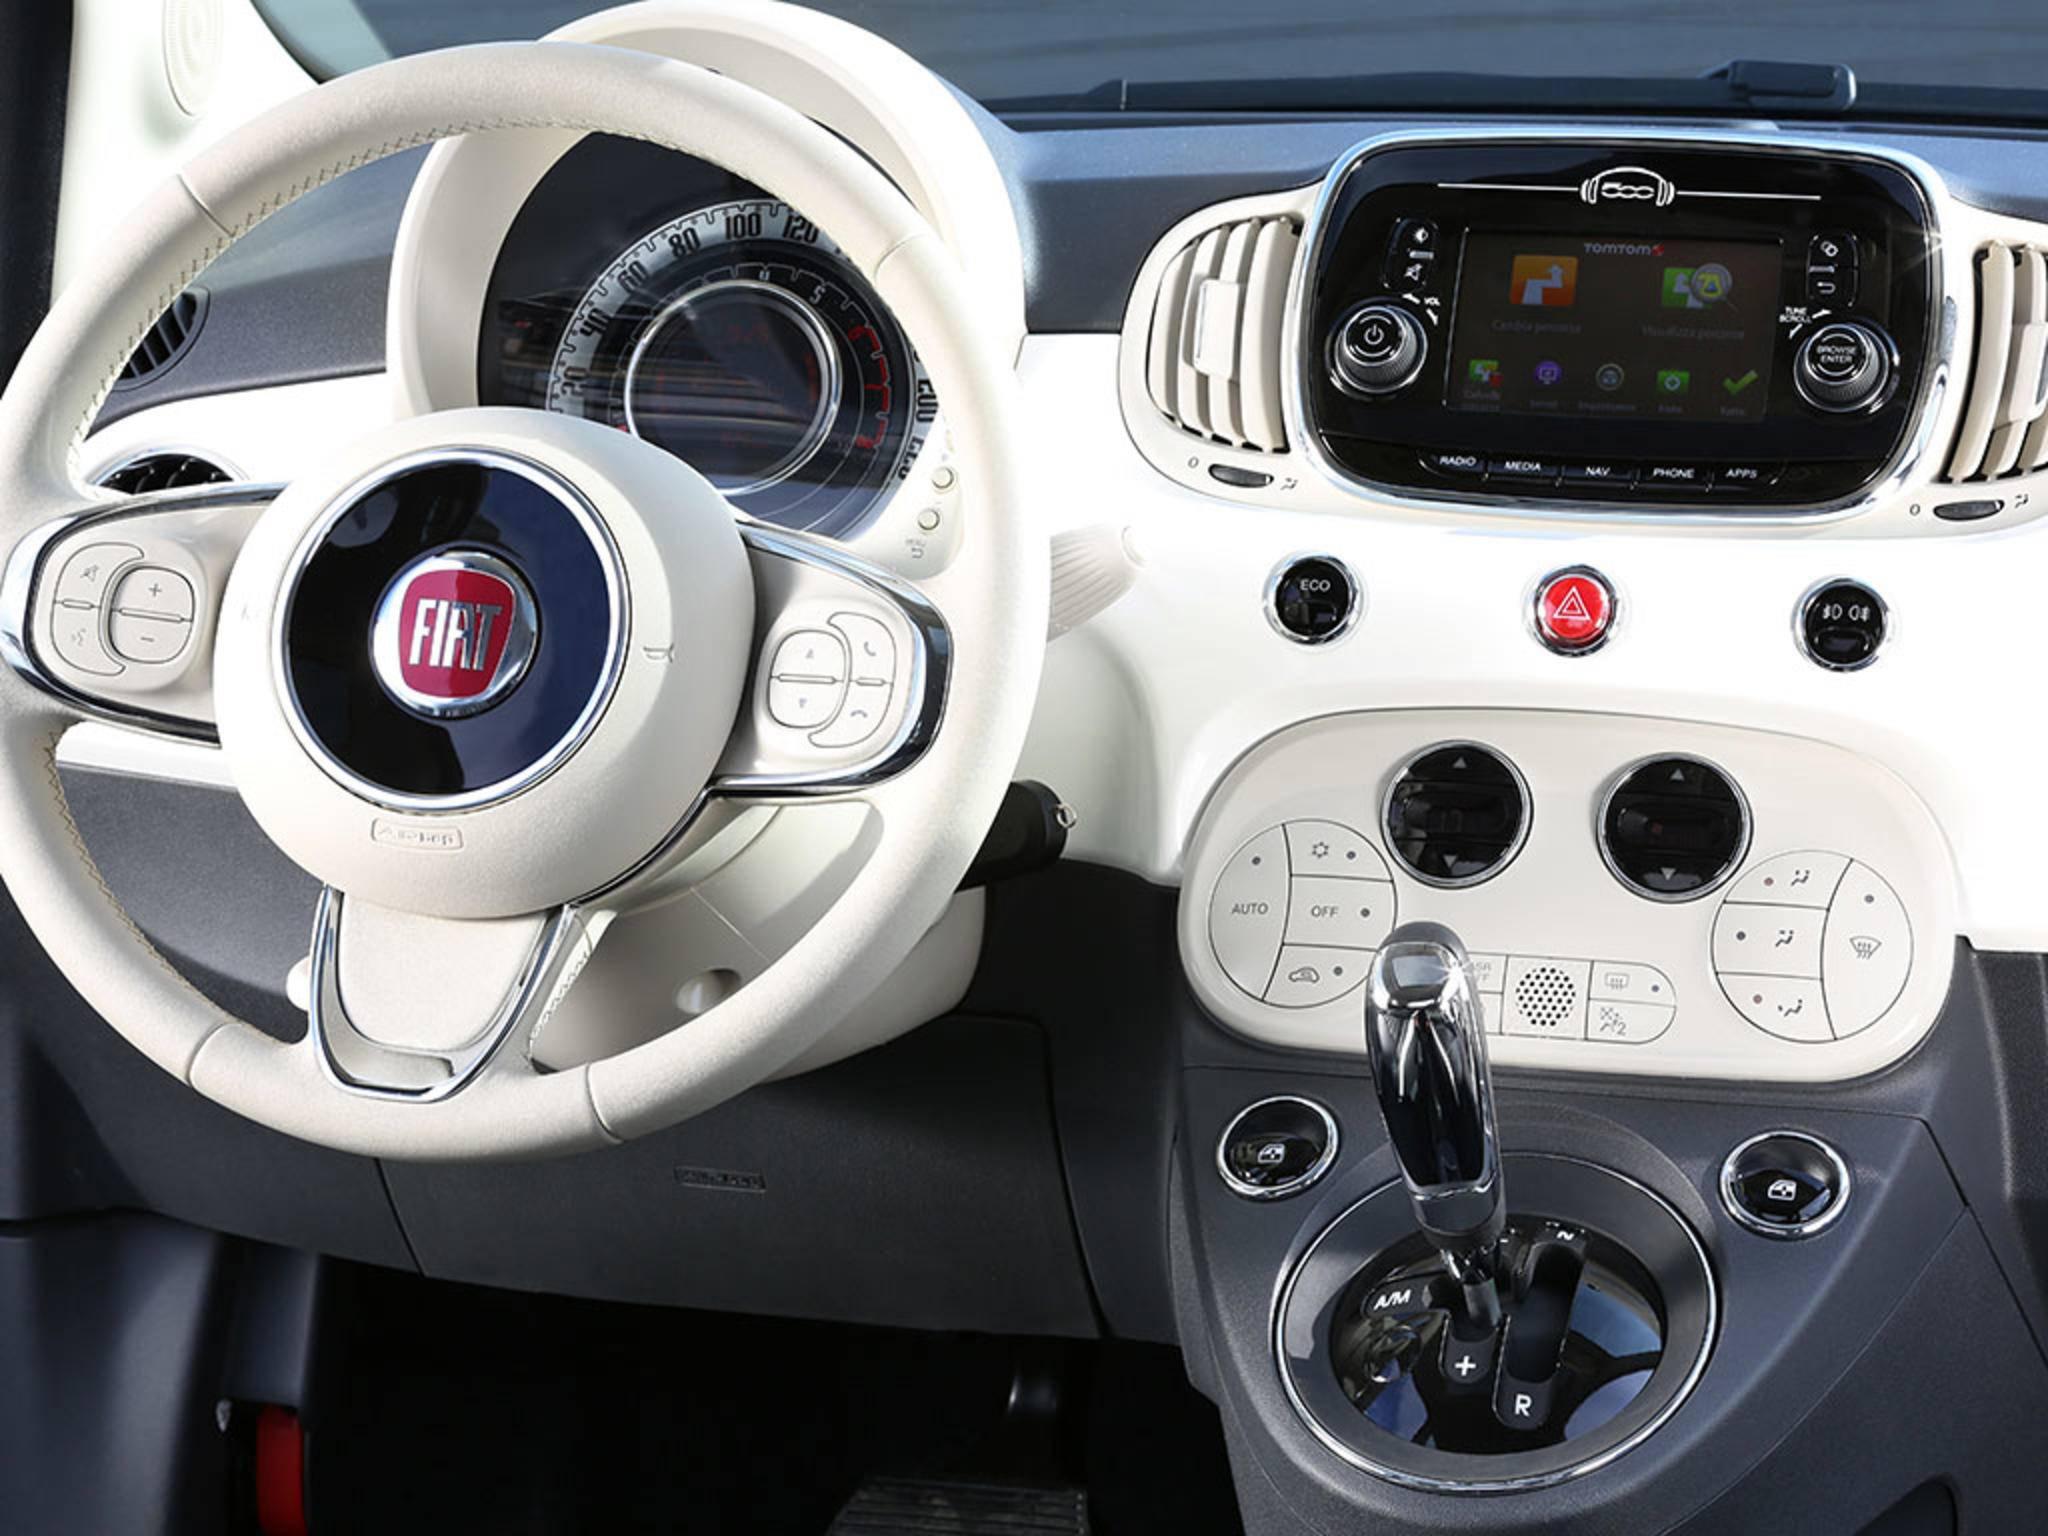 Das Connected Car-System von TomTom in einem Fiat 500.